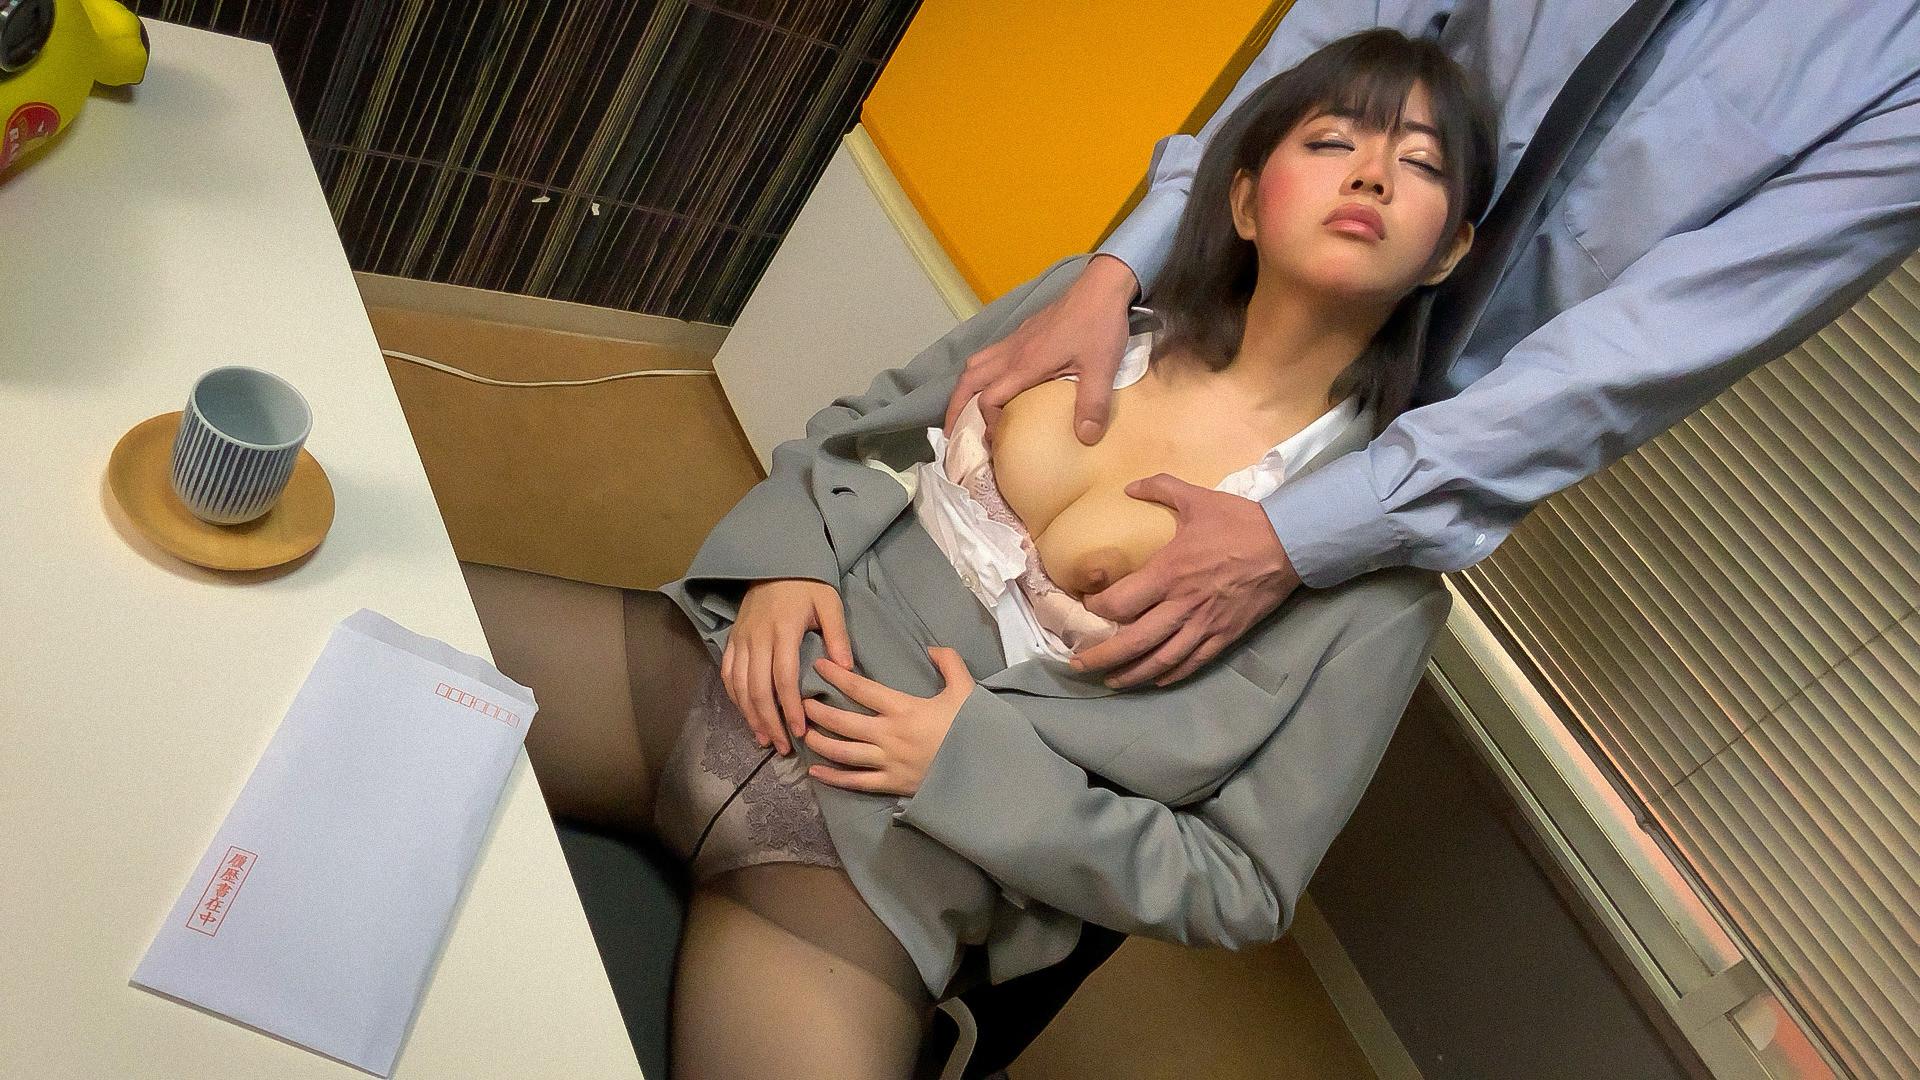 【CASE#4】就活面接に来た女子大生に睡〇薬入りのお茶を出した結果...!?